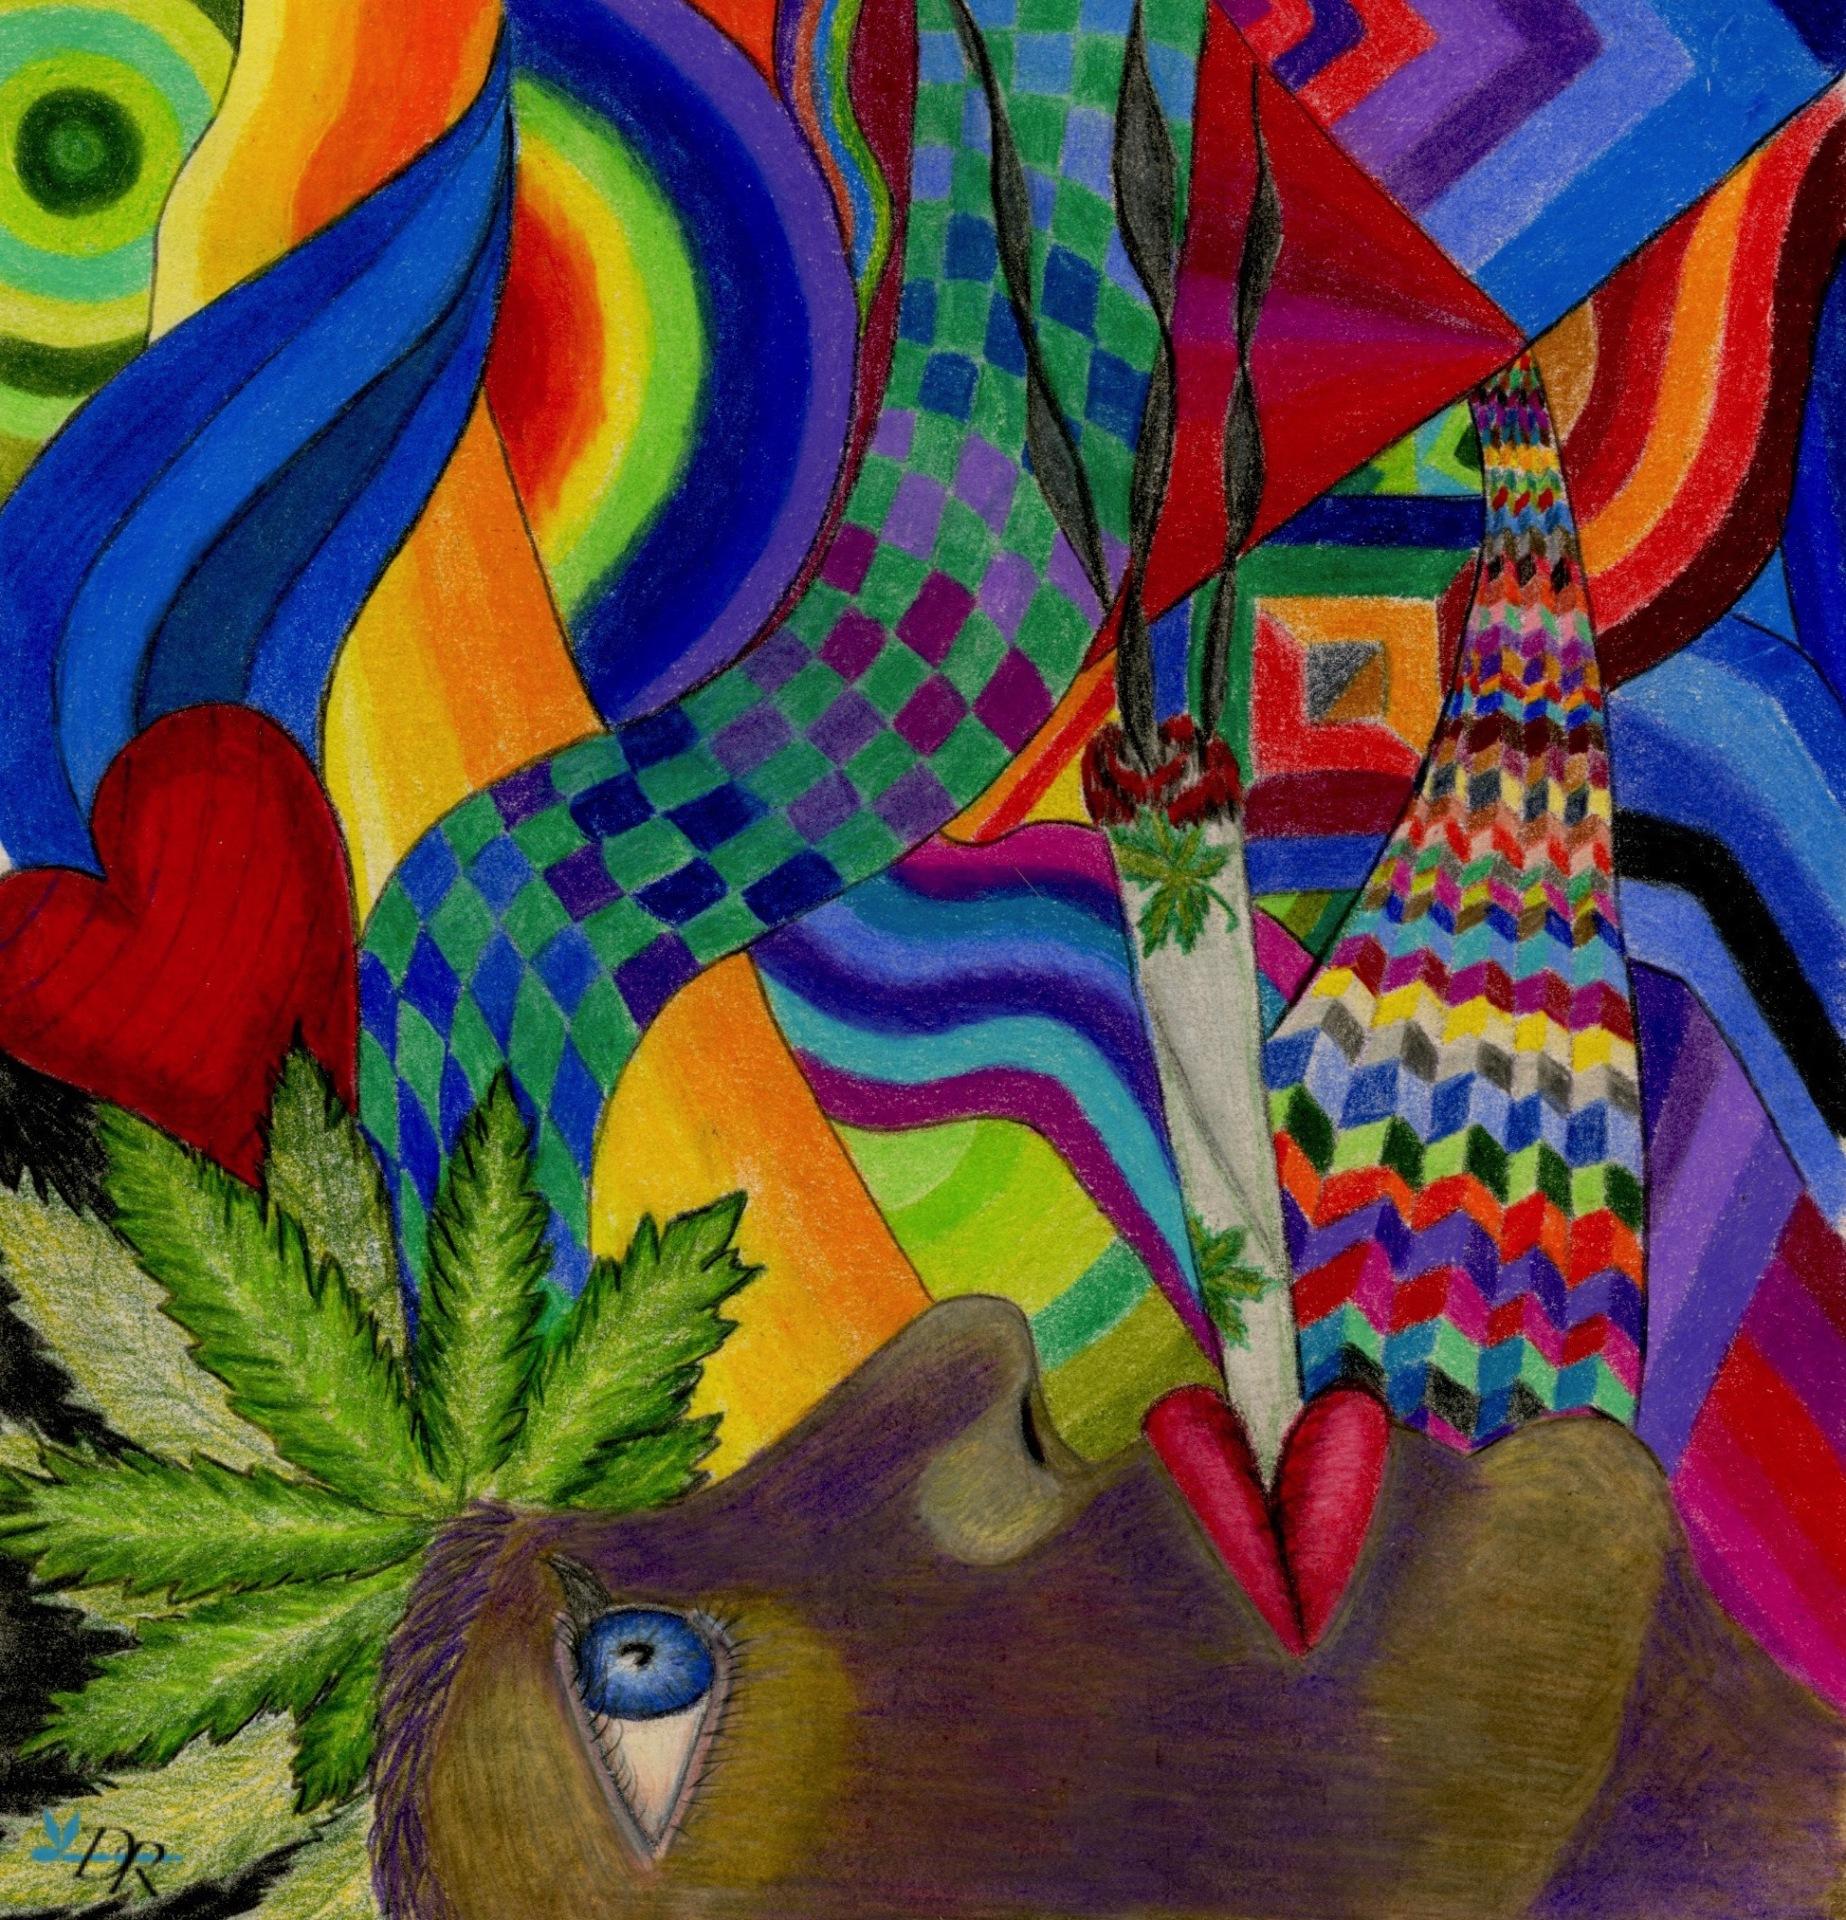 Hallucination 3